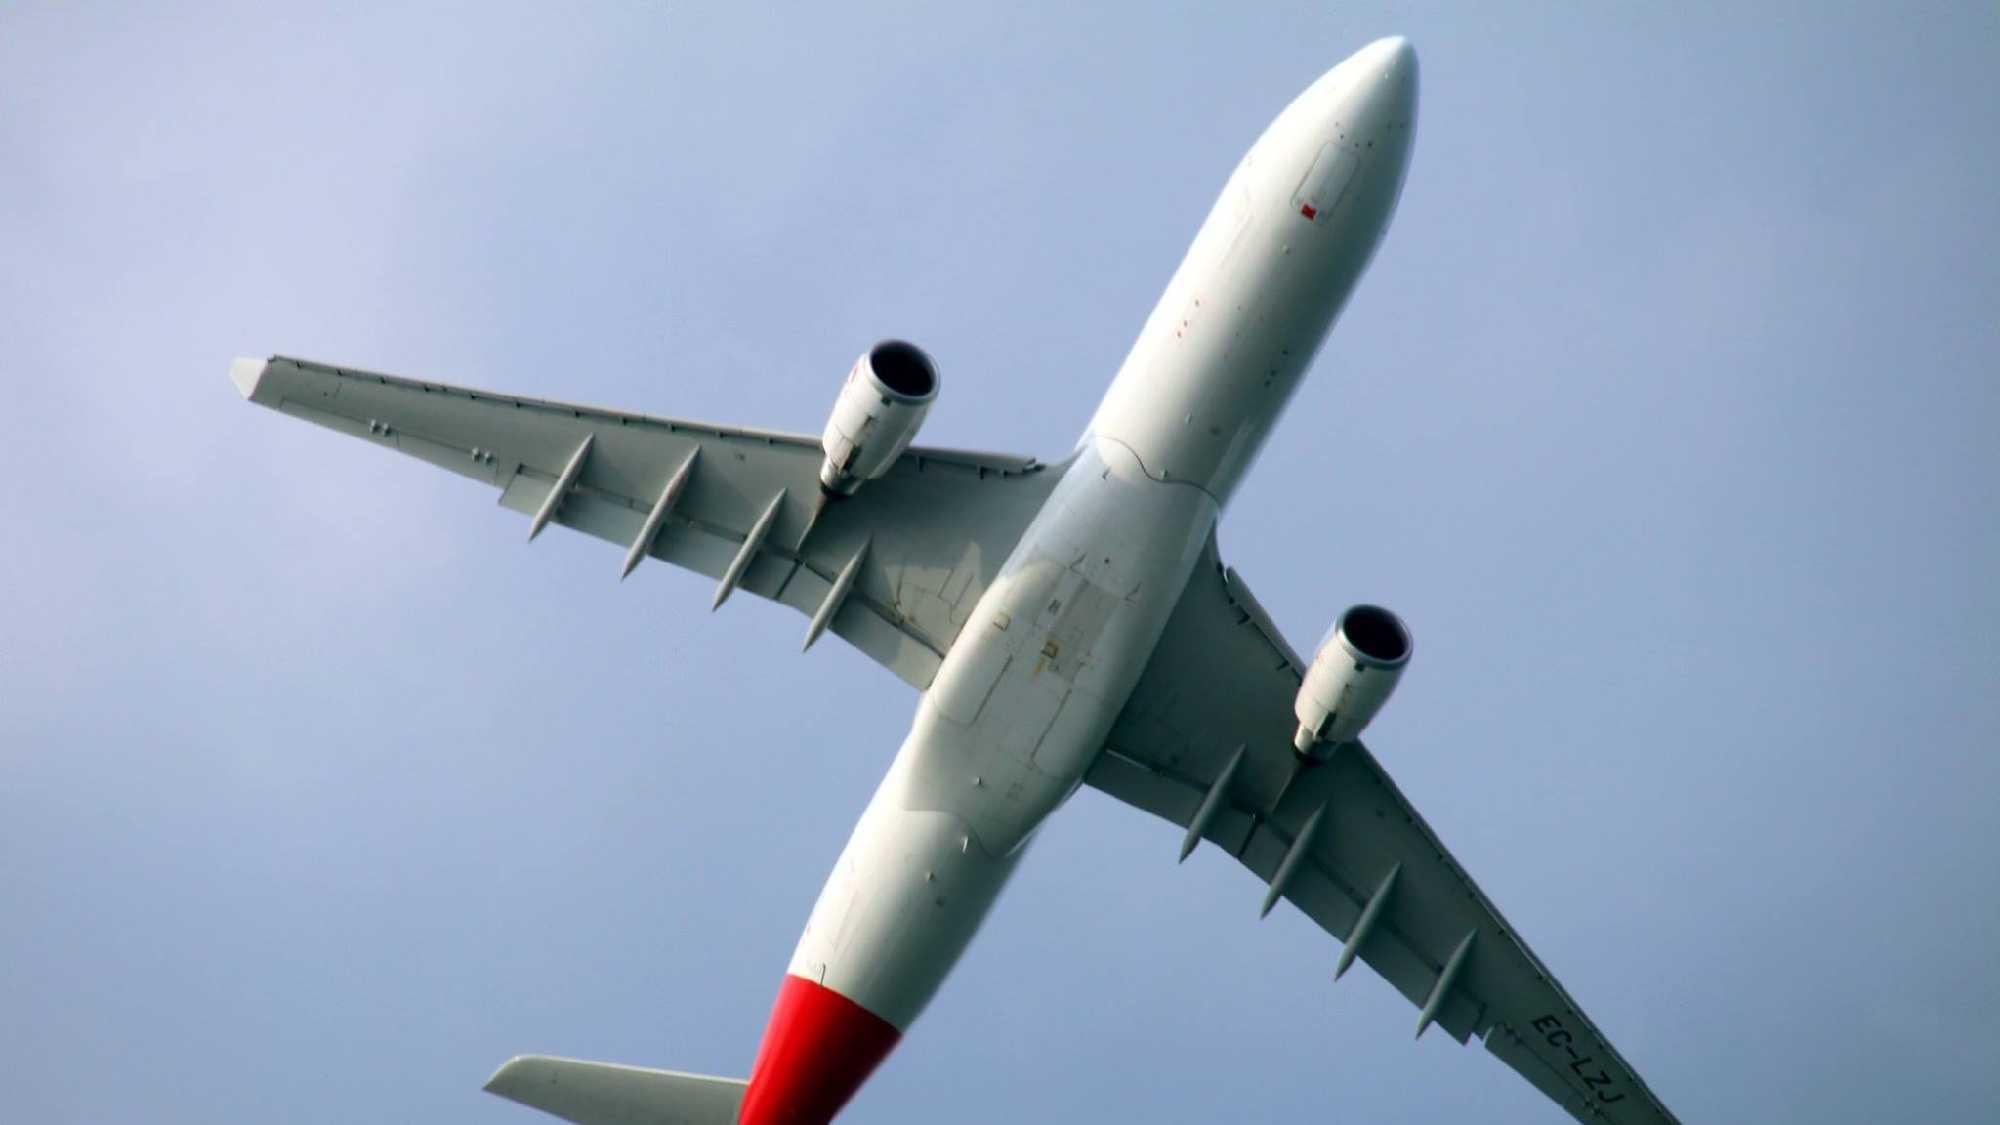 Airplane in Sky GENERIC.jpg